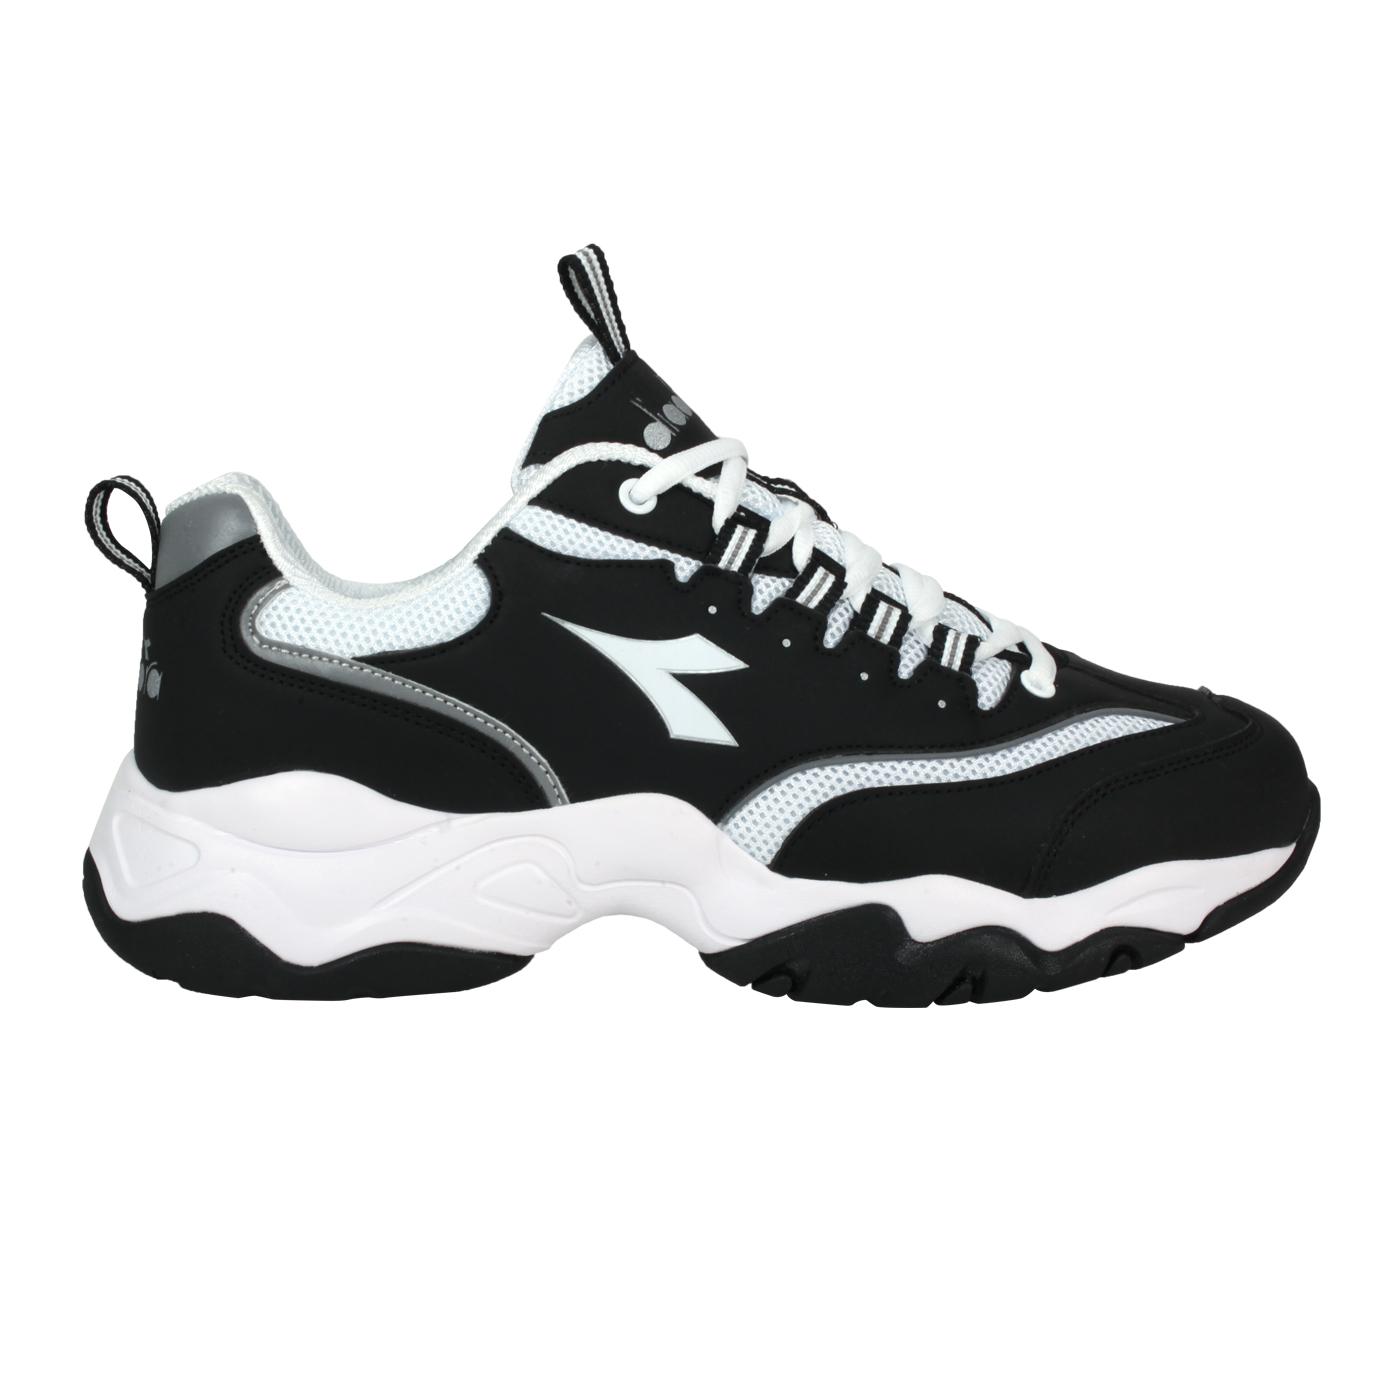 DIADORA 男款運動鞋-E寬楦 DA71181 - 黑白